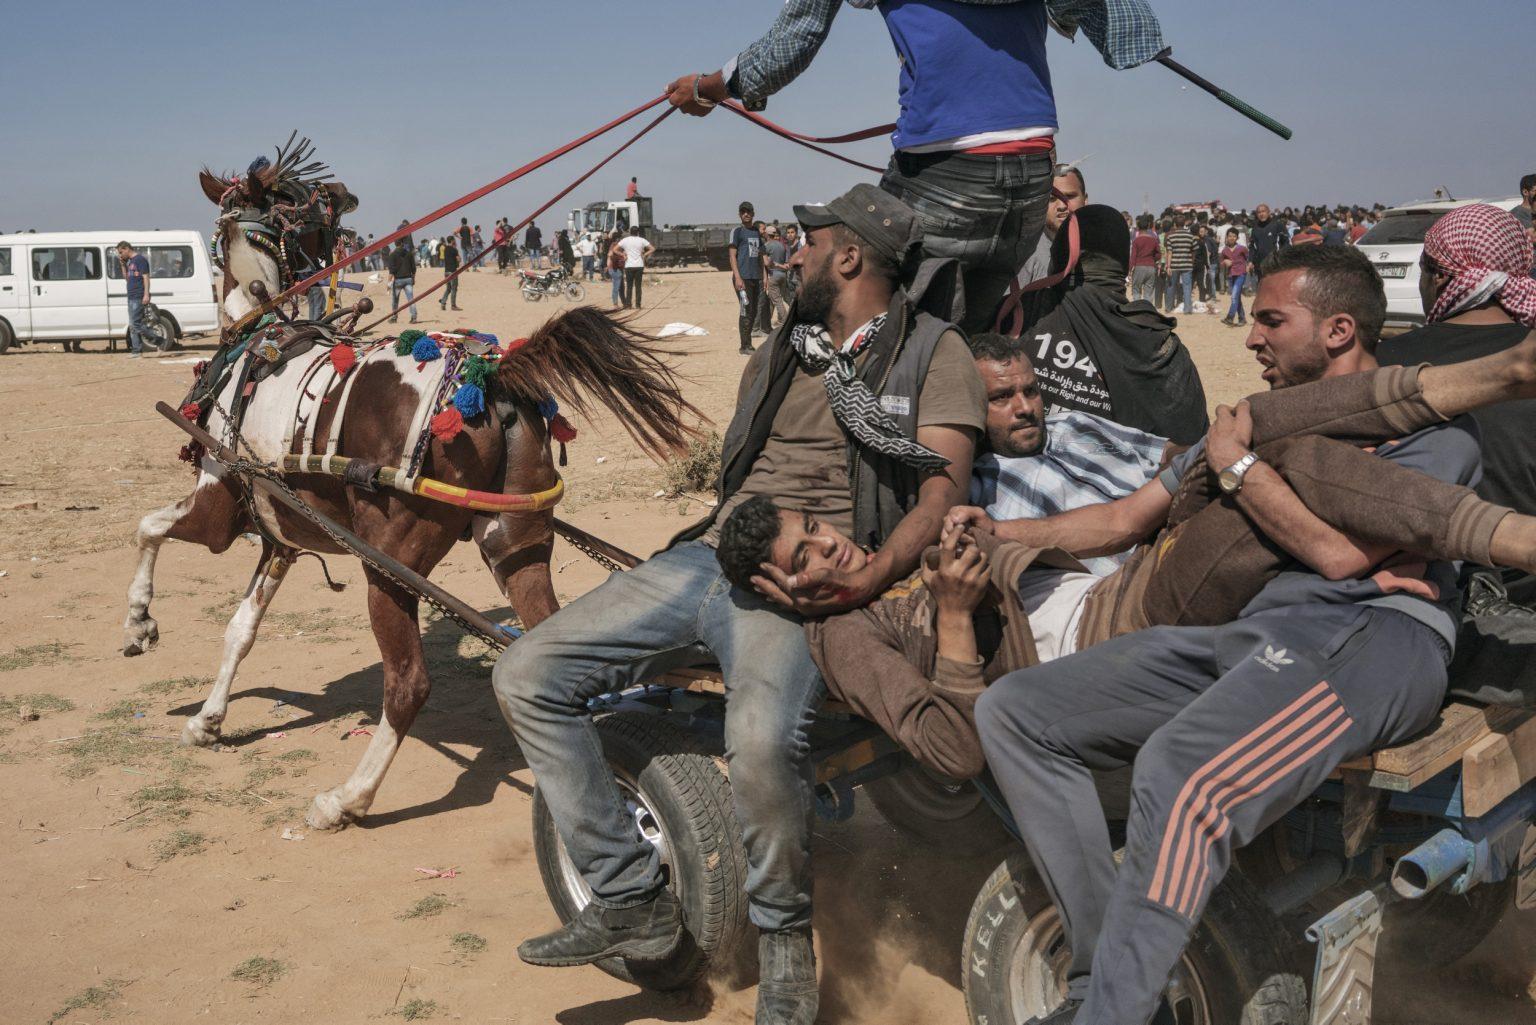 Gaza Strip, May 2018 - An injured Palestinian man is evacuated on a horse-drawn cart along the Gaza-Israel border. >< Striscia di Gaza, maggio 2018 - Un uomo ferito durante le proteste viene evacuato a bordo di un carro lungo il confine tra Gaza e Israele.